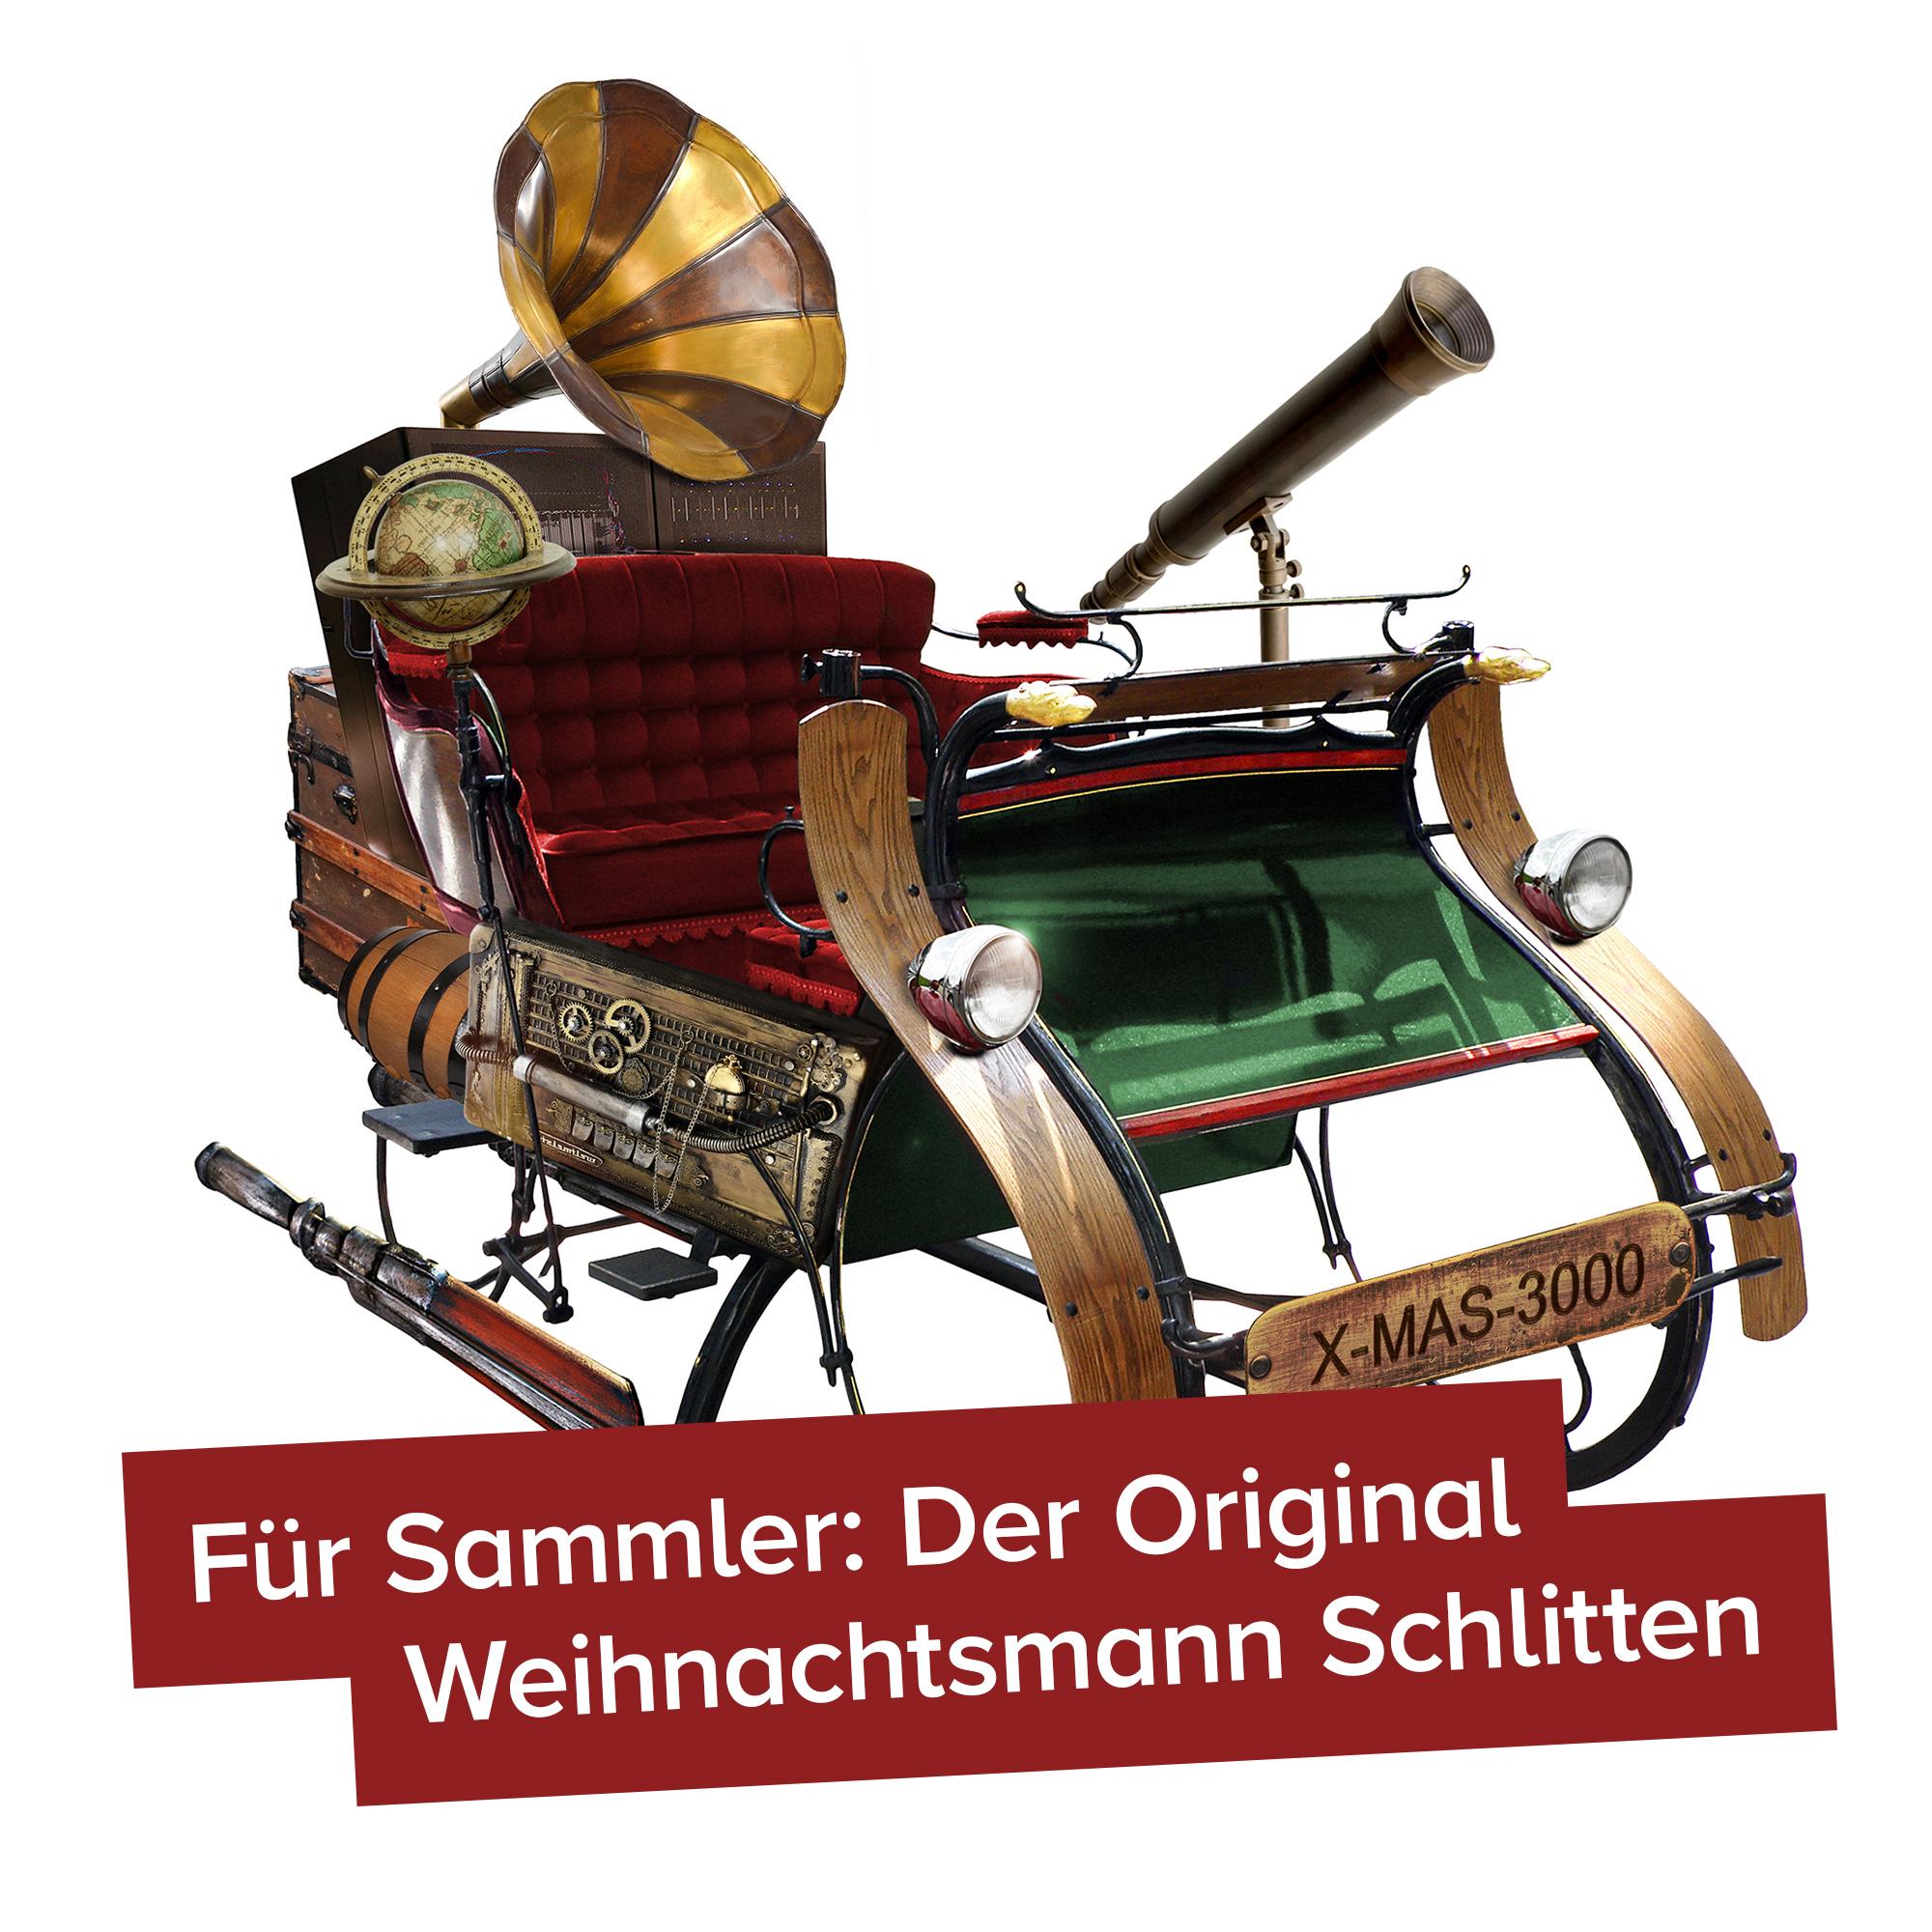 Original Weihnachtsmann Schlitten - 3